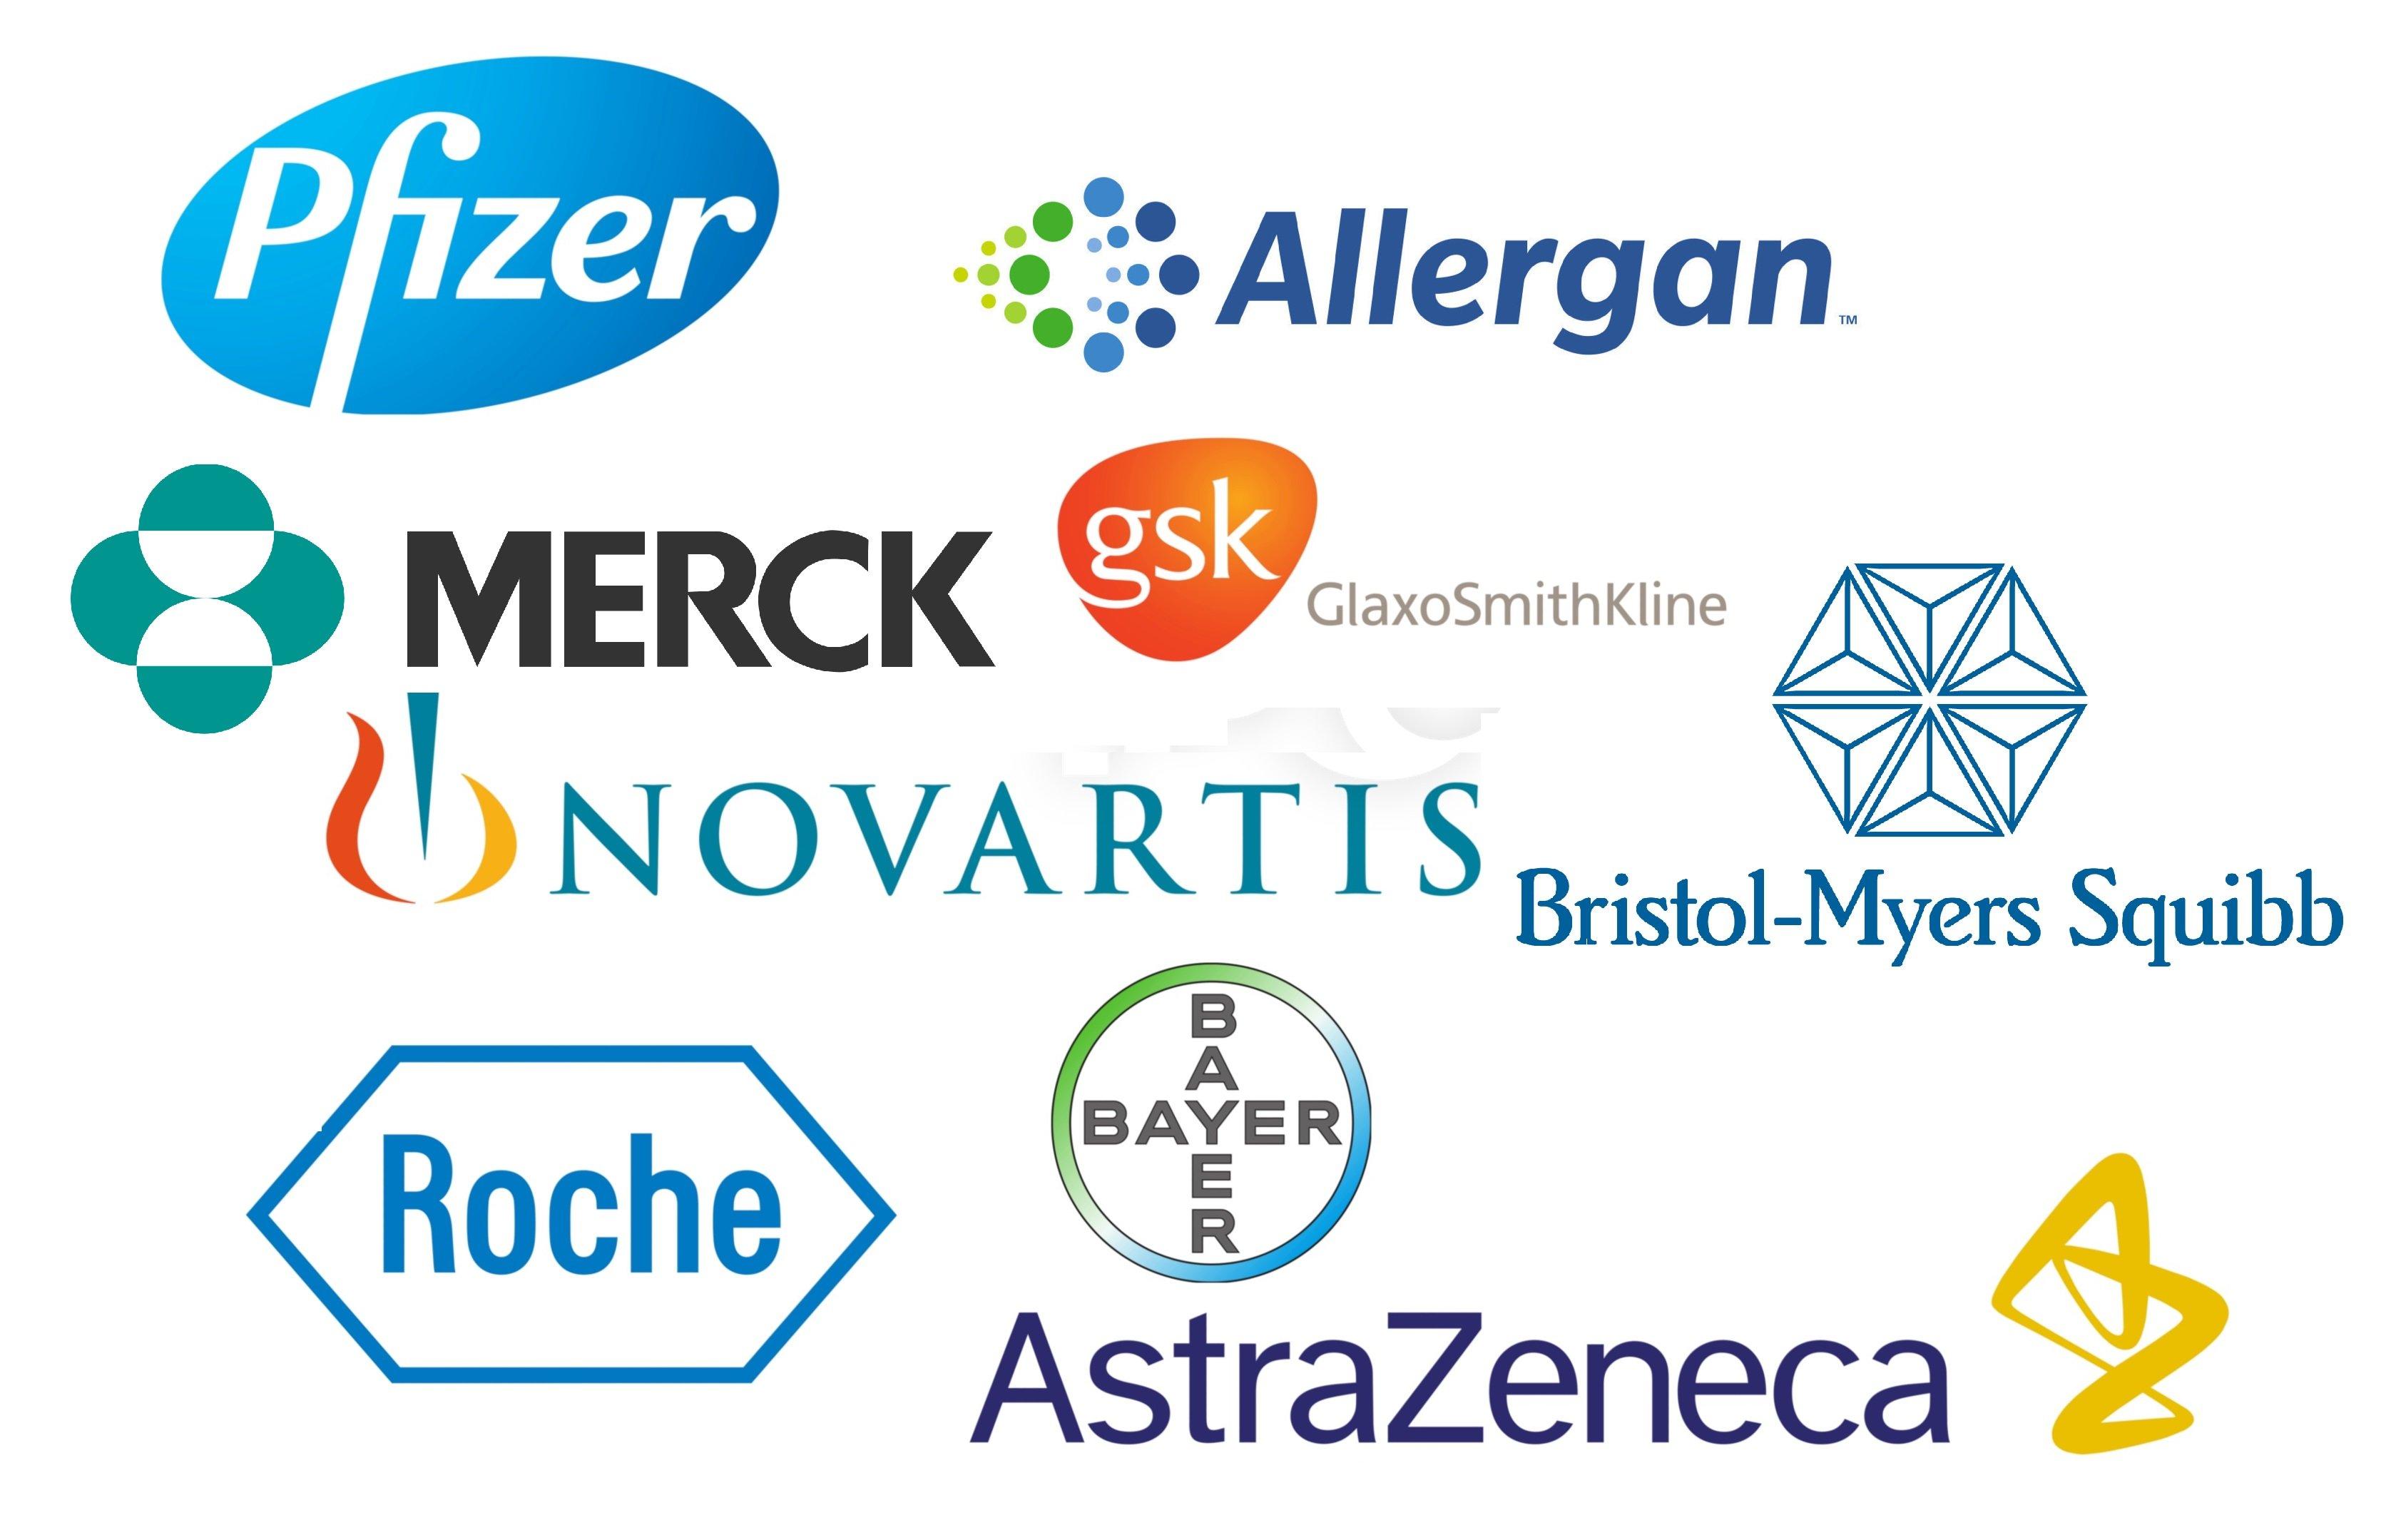 Las fusiones y adquisición planean en todas las farmacéuticas.